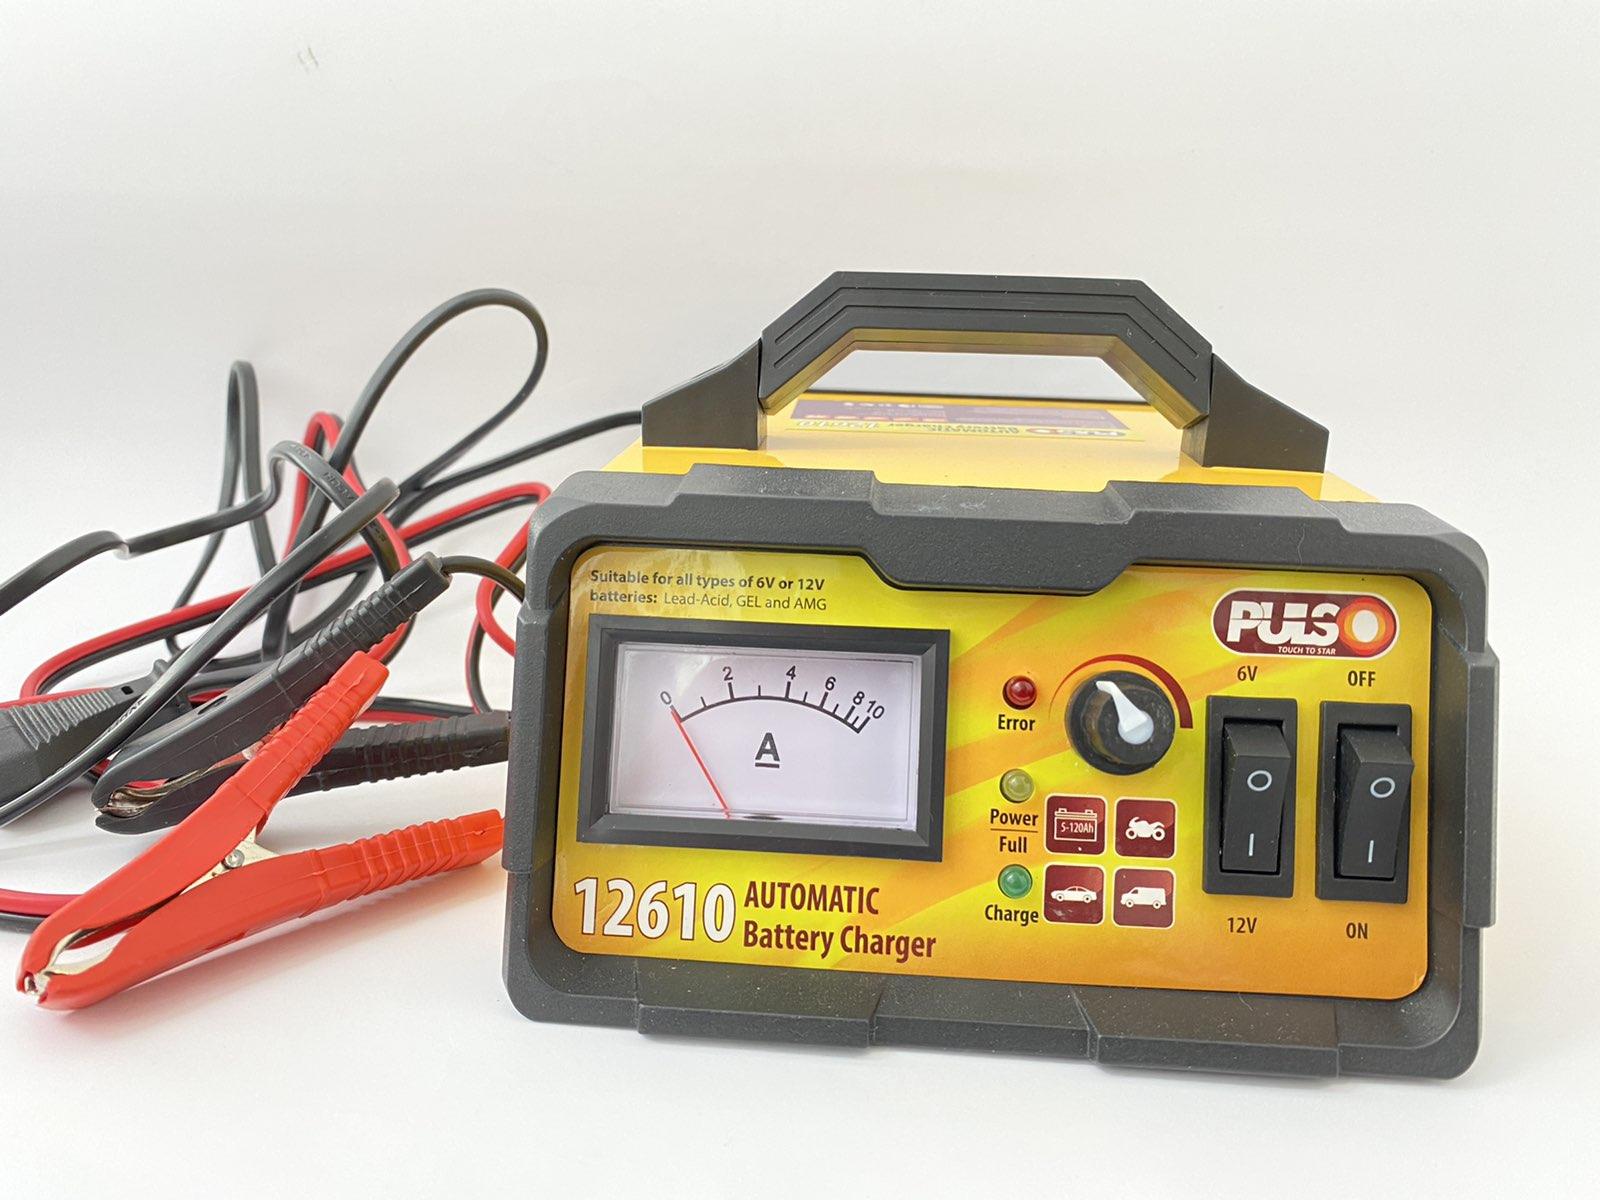 Зарядное устройство Pulso BC-12610 - купить в Украине